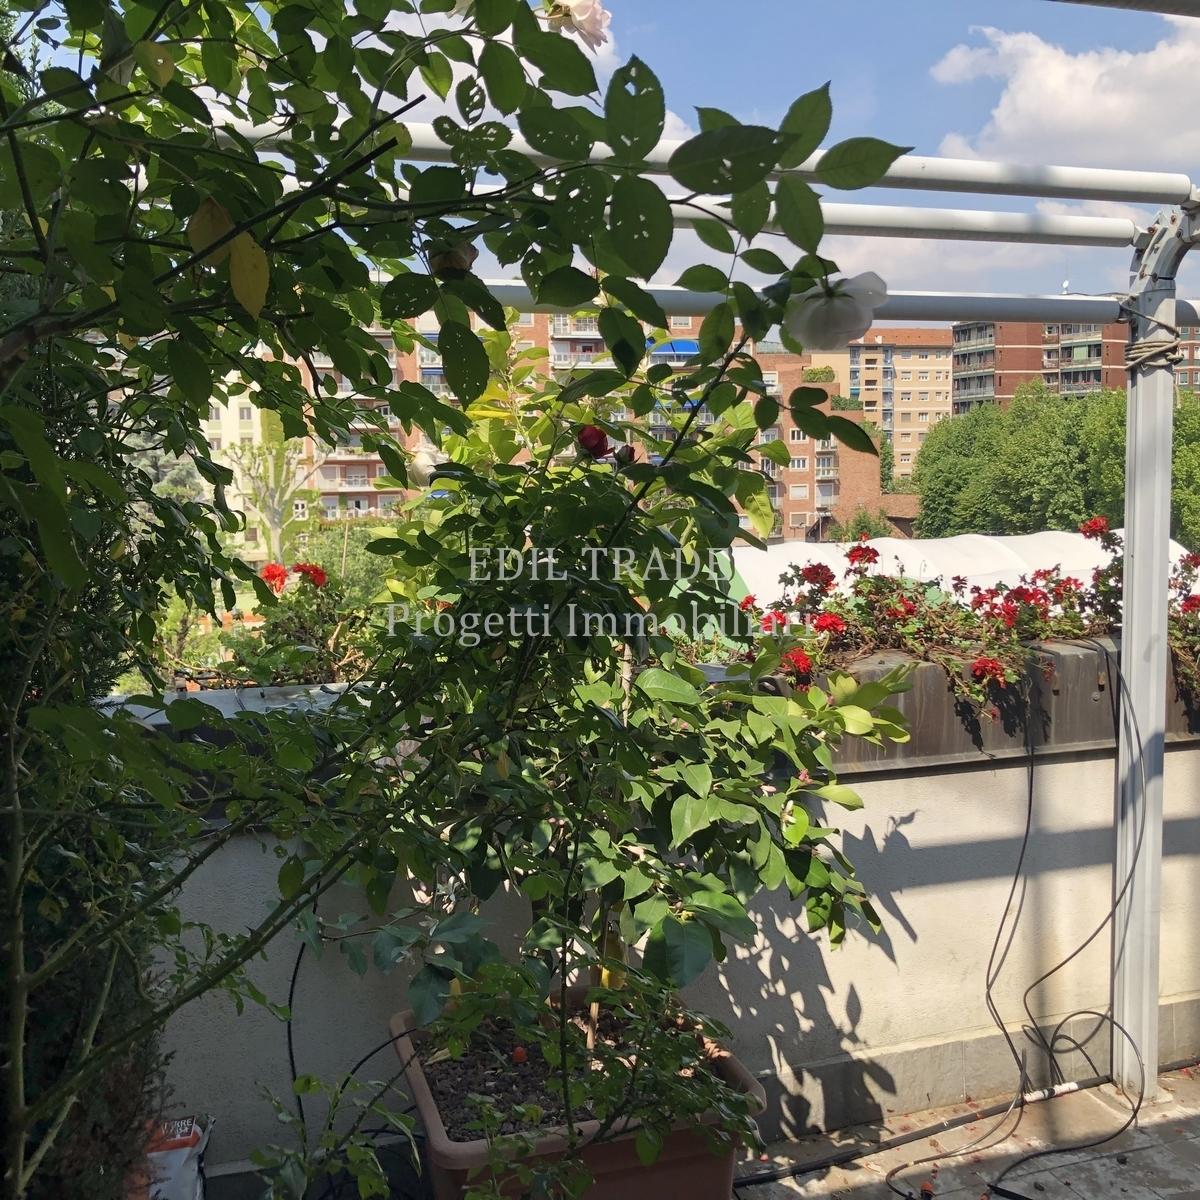 milano affitto quart: 030 xxii marzo/umbria/molise edil trade s.r.l. progetti immobiliari